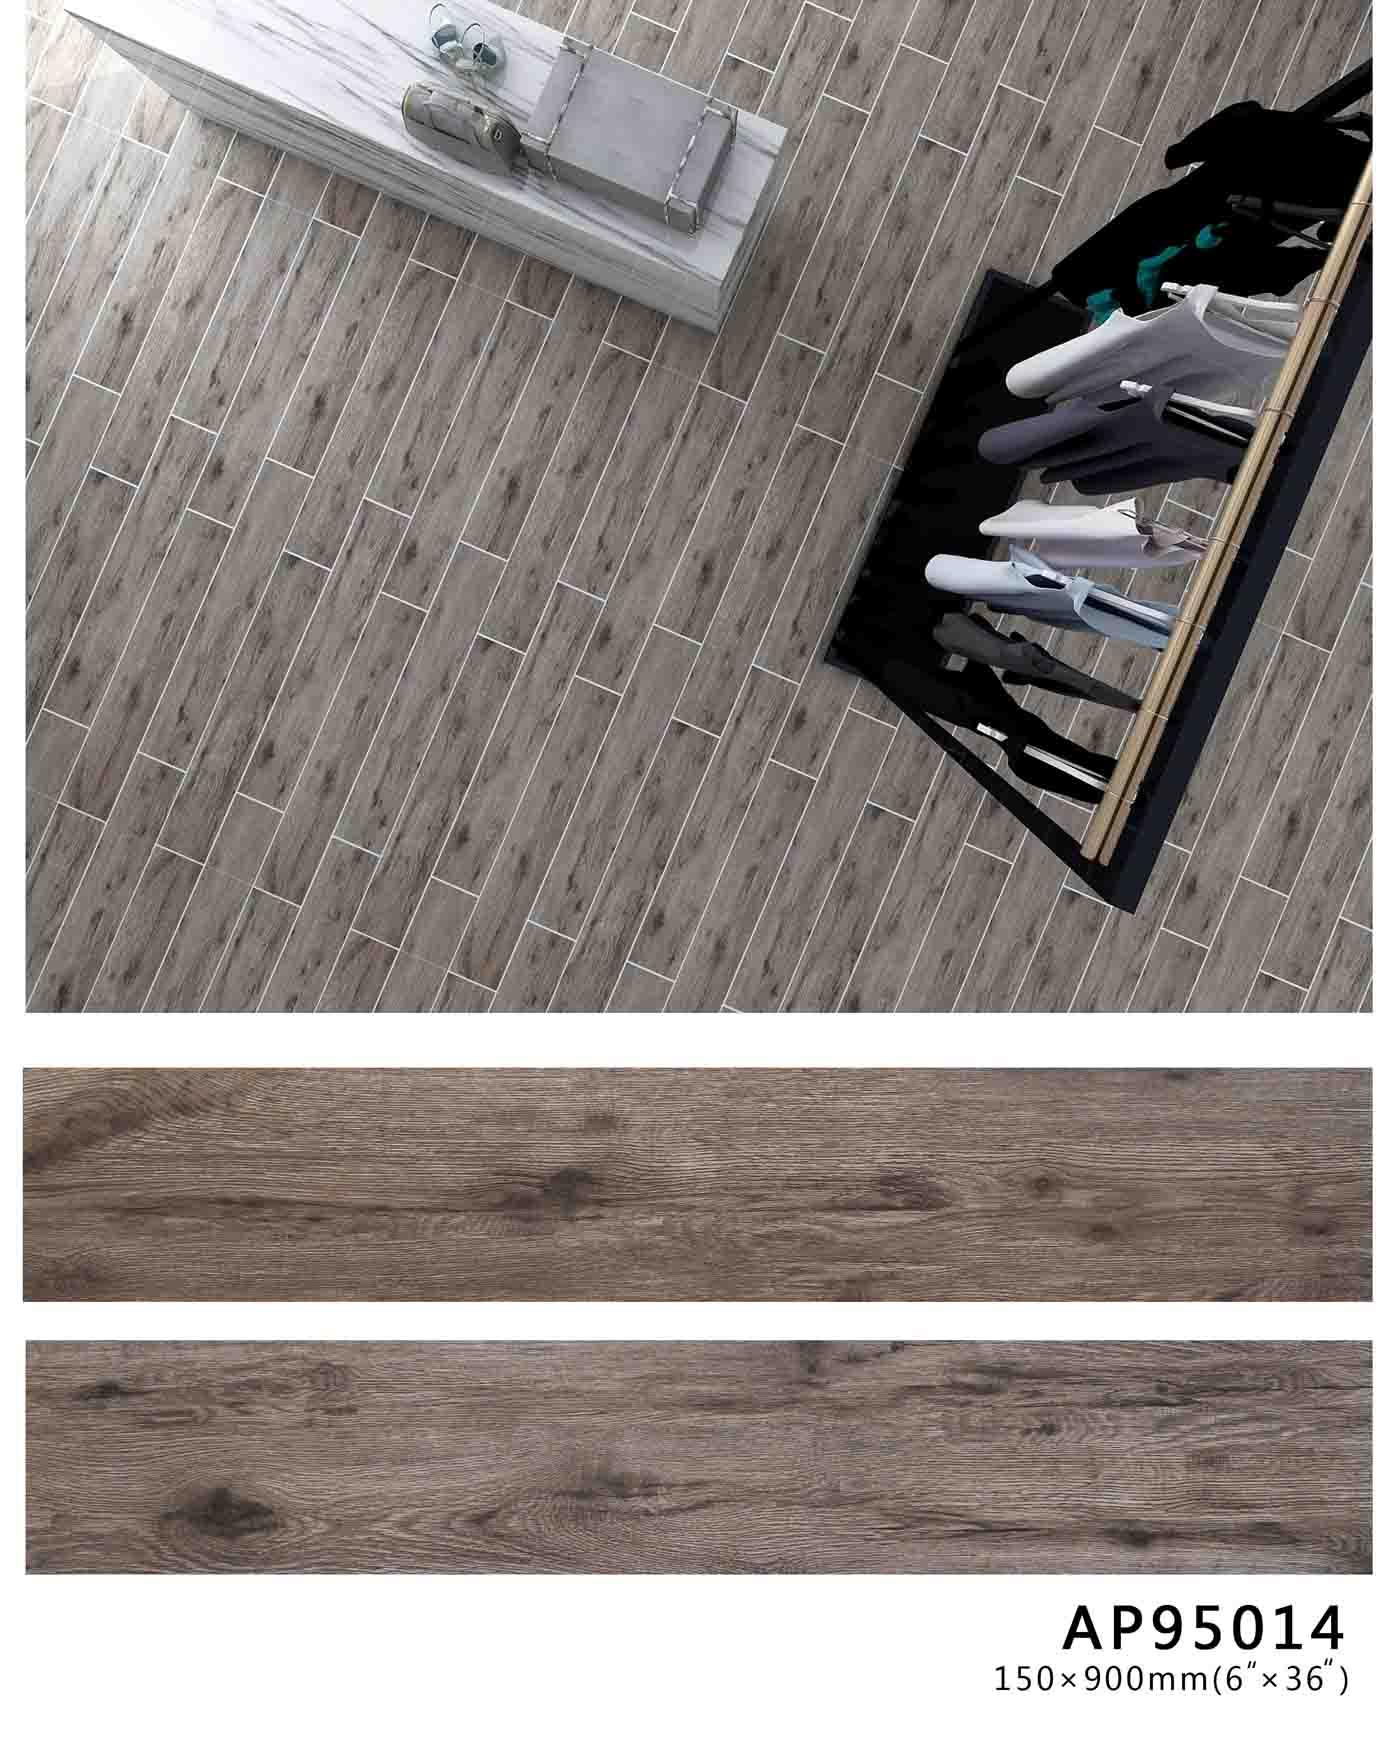 玉金山长条木纹瓷砖厂家-贵州仿木瓷砖-木纹砖厂家直销A